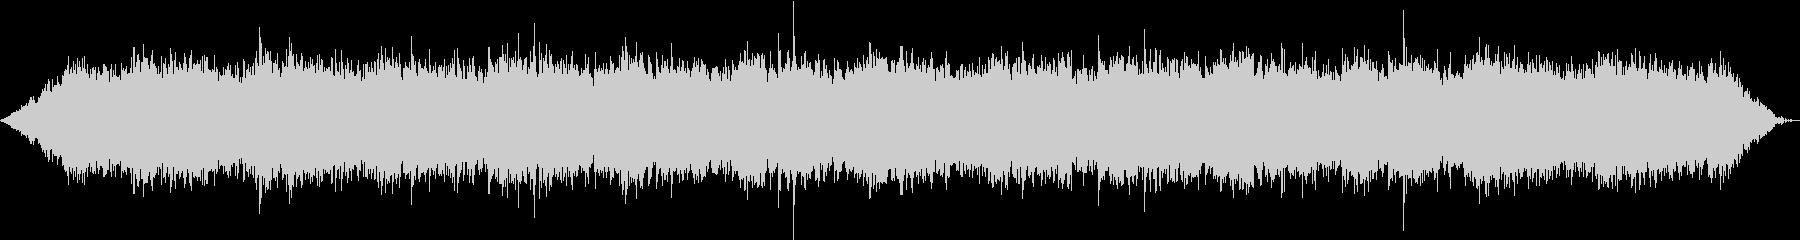 スピリチュアルヒーリングに - 自然音の未再生の波形